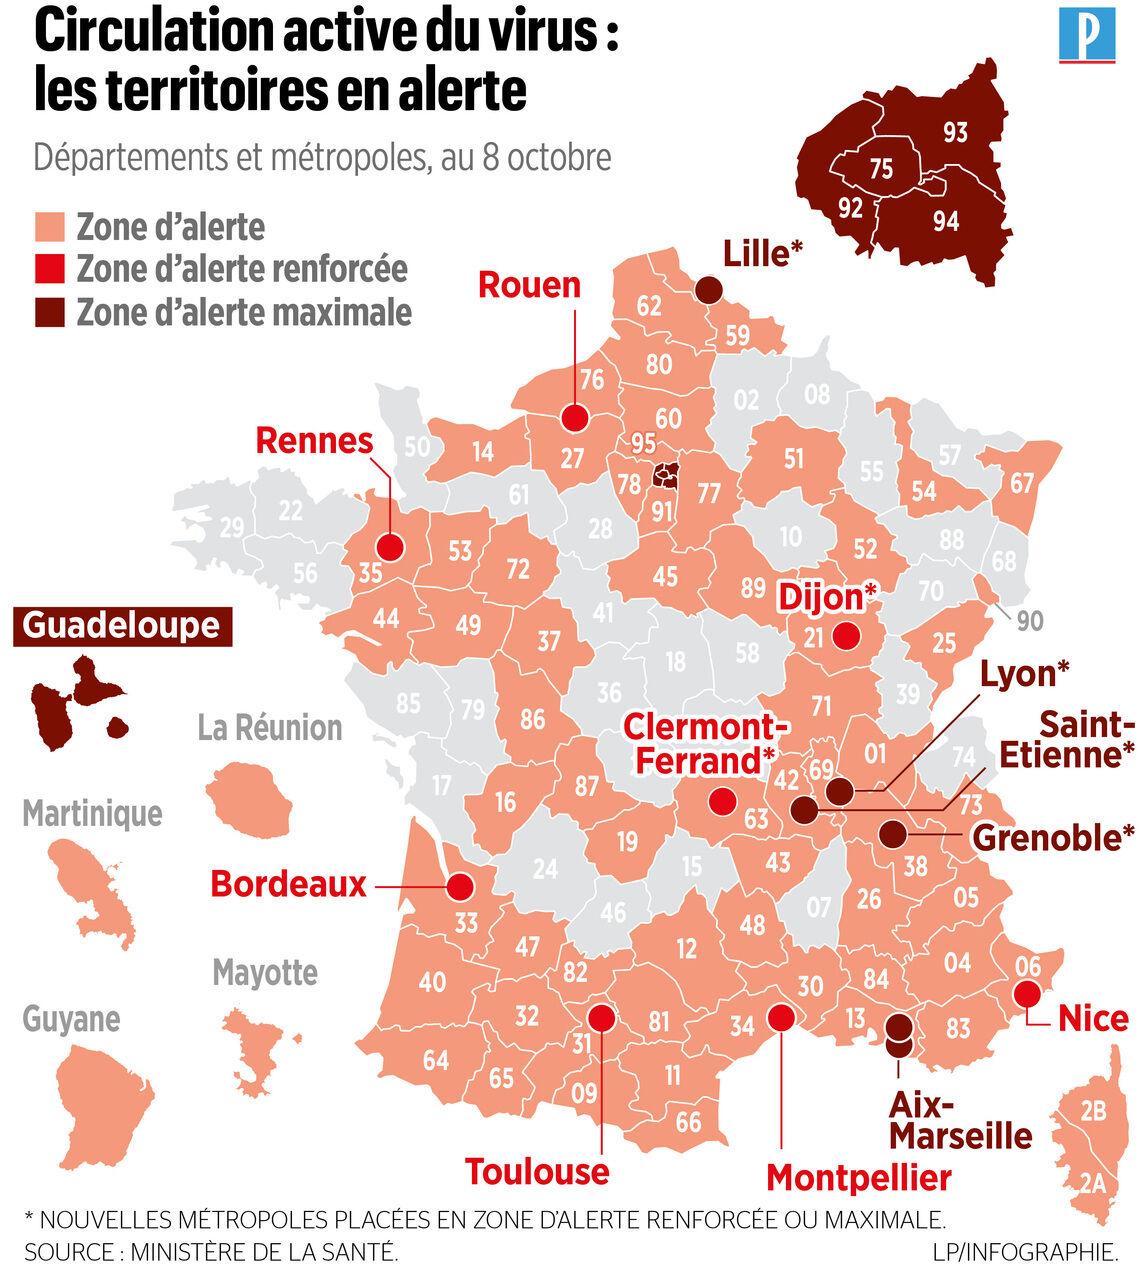 Covid 19 Alerte Renforcee Maximale La Nouvelle Carte De L Epidemie Le Parisien